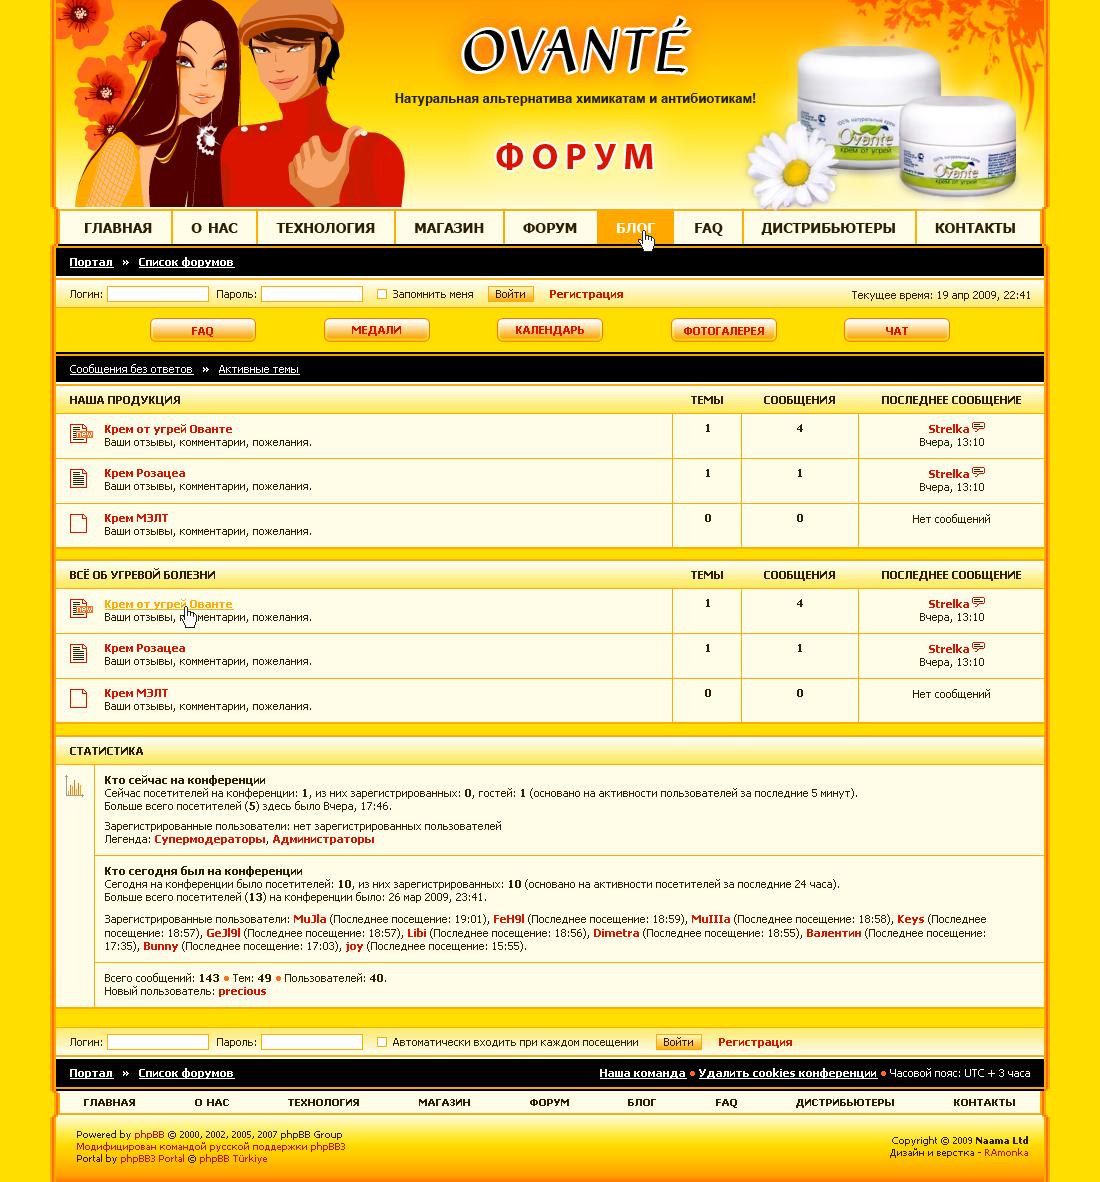 Разработка логотипа и дизайна сайта с его HTML версткой для форума медицинского интернет-магазина лекарств против акне Ovanté